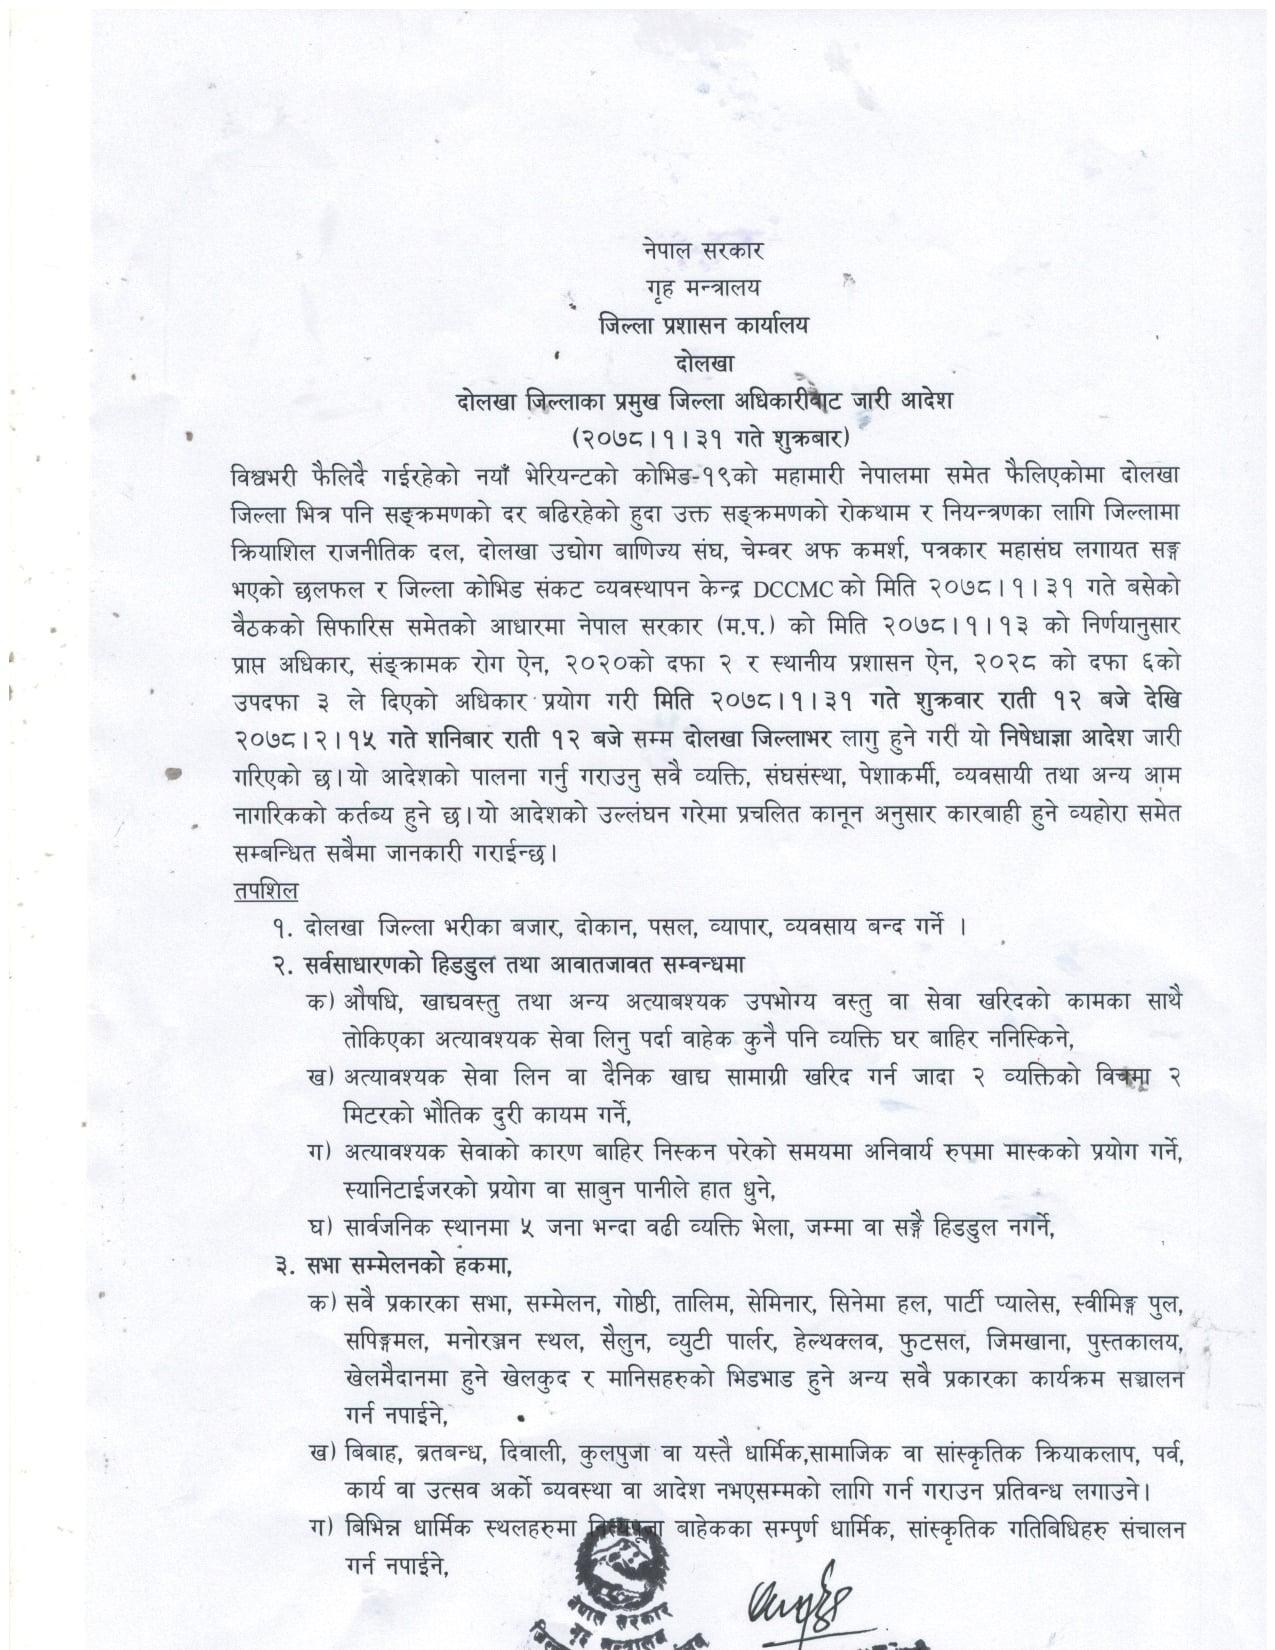 दोलखामा पुनः १५ दिनका लागी निषेधाज्ञा थप (विस्तृत विवरण सहित)